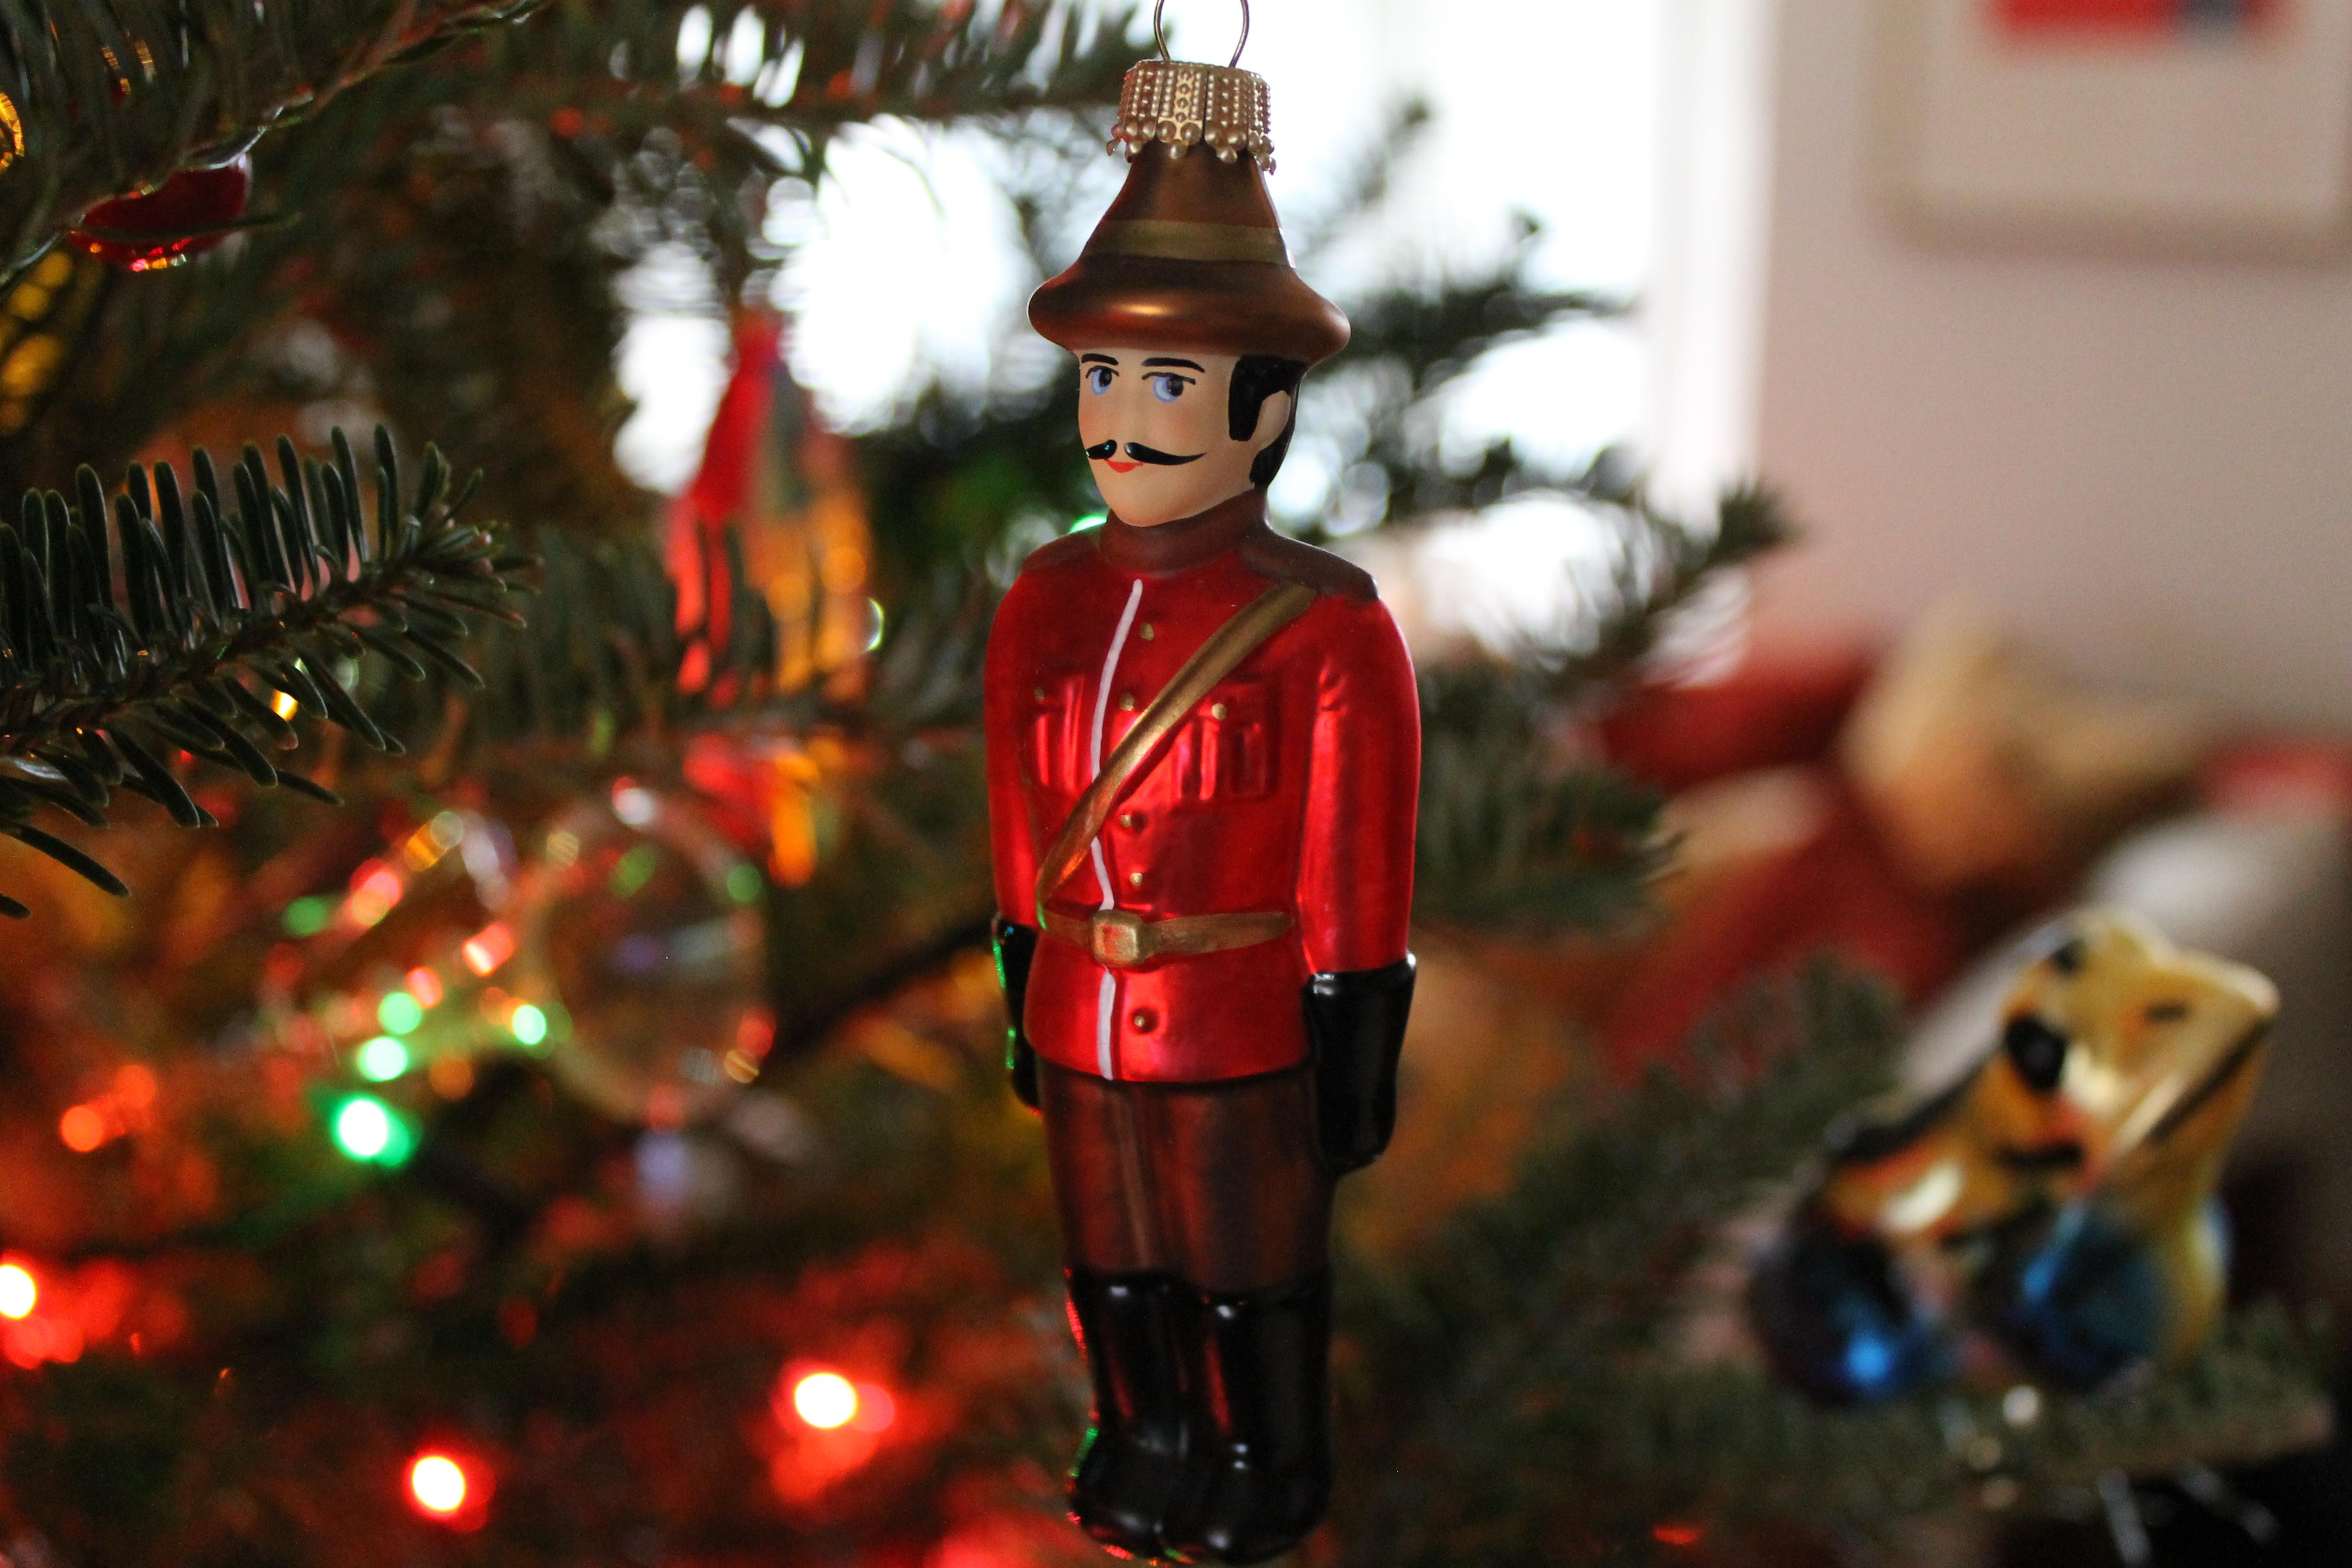 O Christmas Tree! – Esprit Orchestra